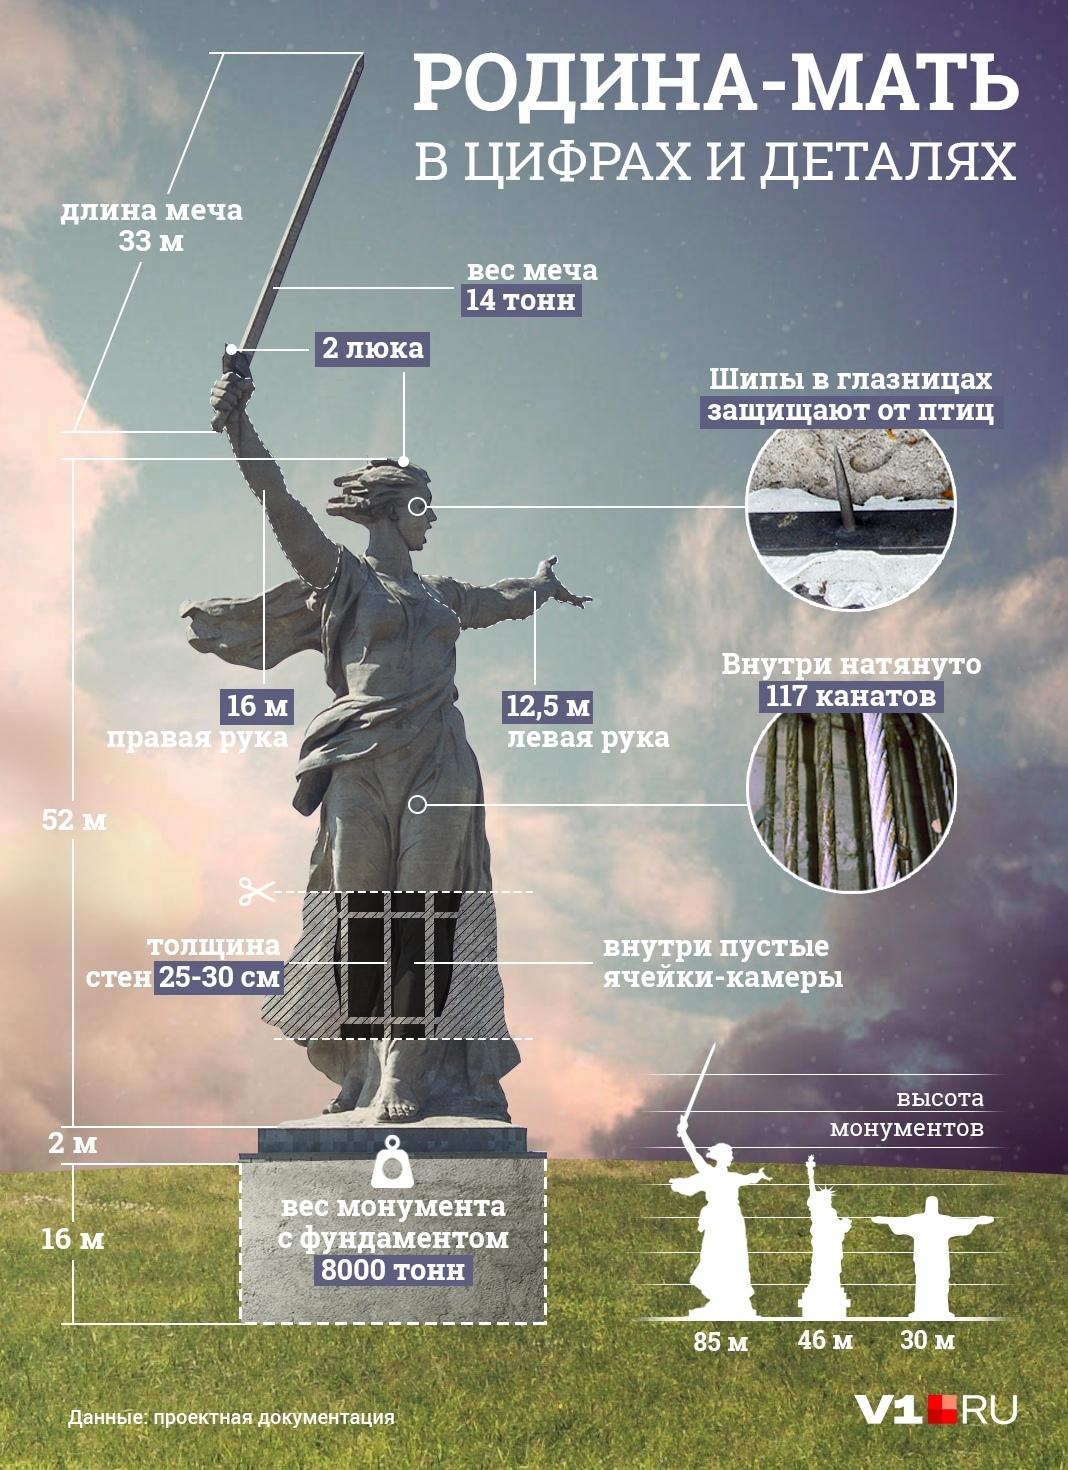 Меч статуи — размером с девятиэтажный дом. Источник: v1.ru